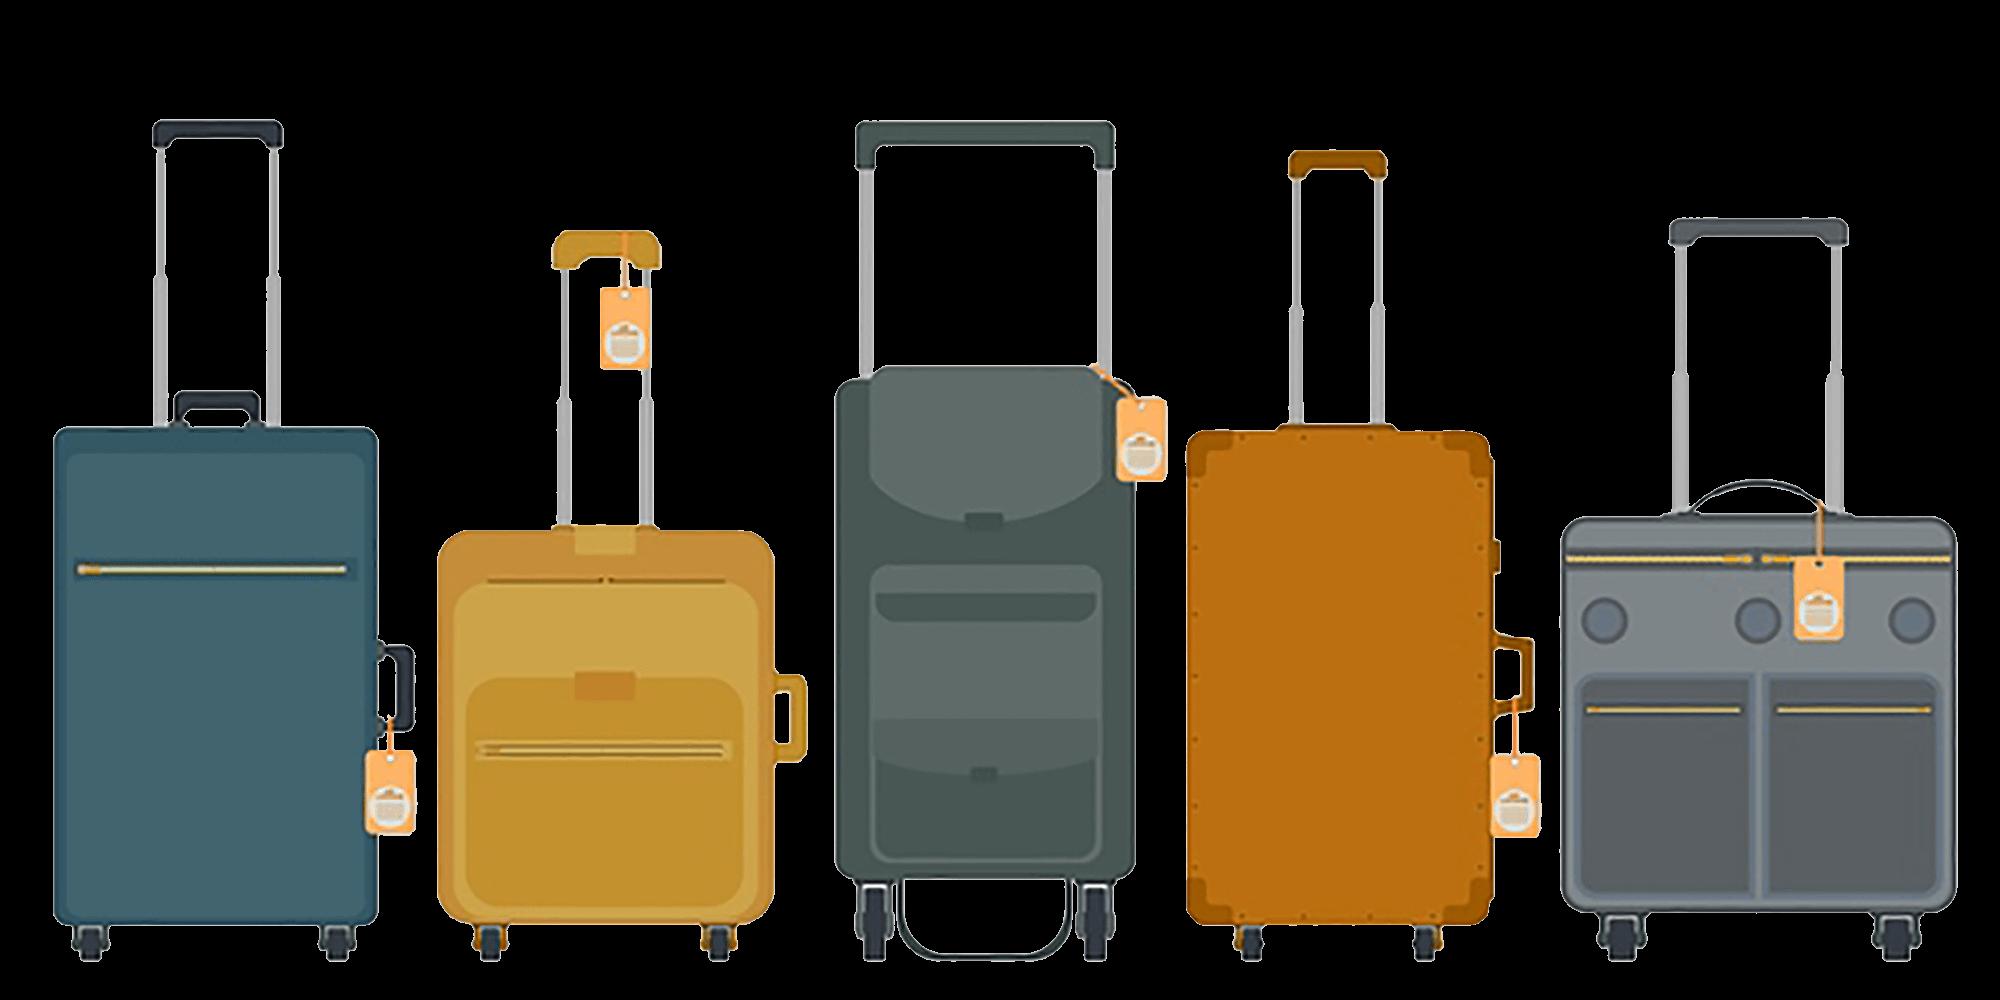 宿泊先への手荷物「当日配送」サービス